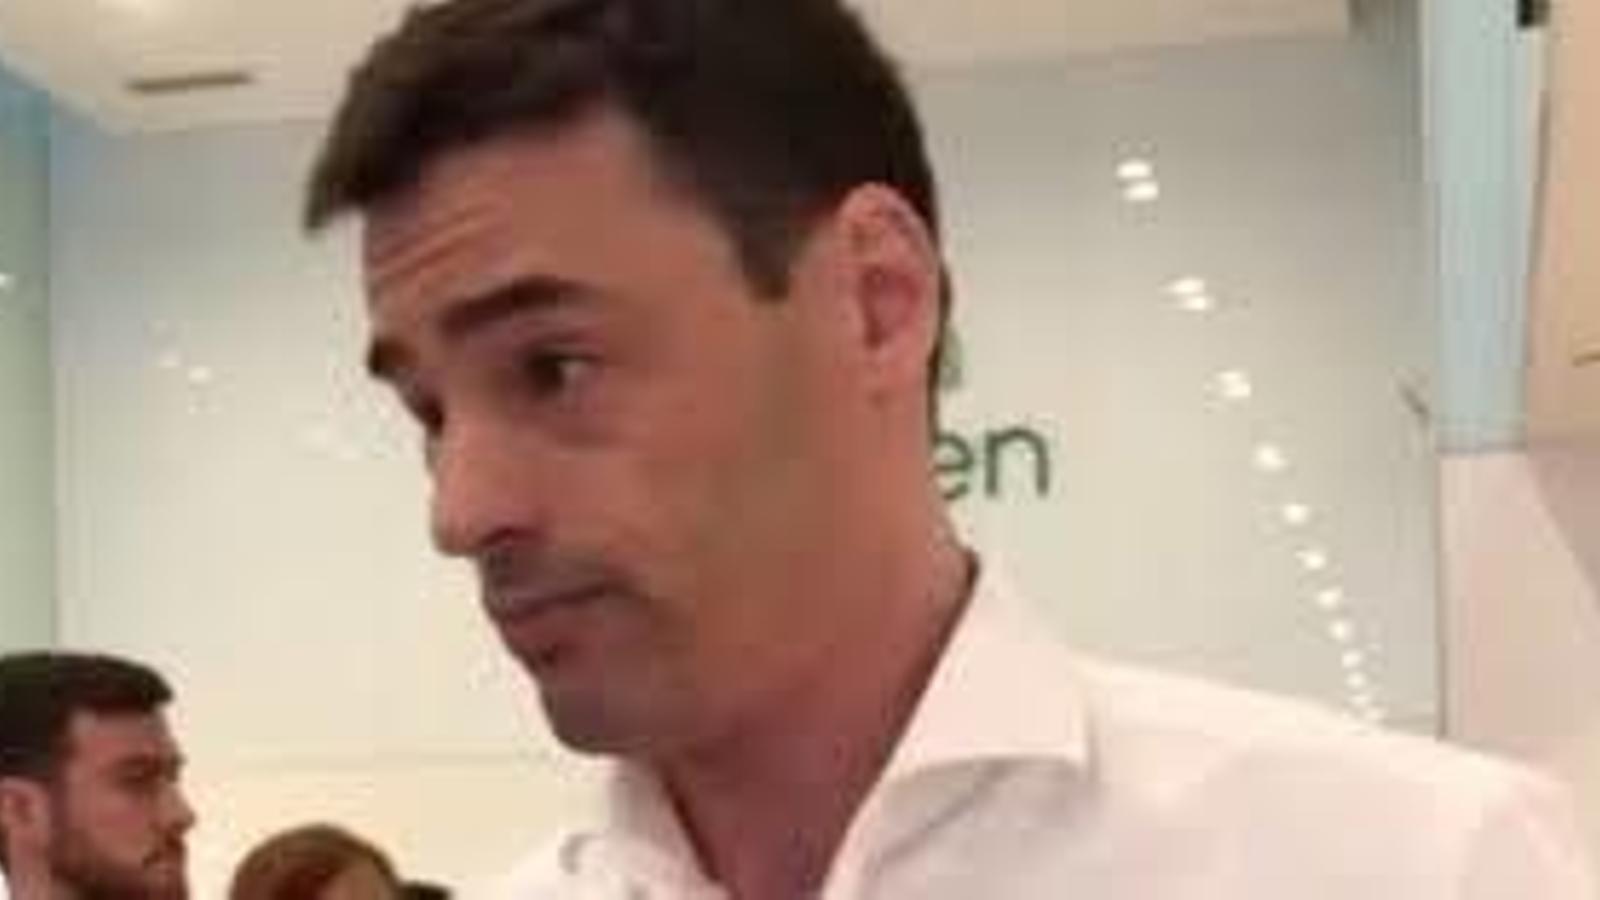 Un advocat amenaça i insulta els treballadors d'un restaurant de Nova York per parlar en espanyol